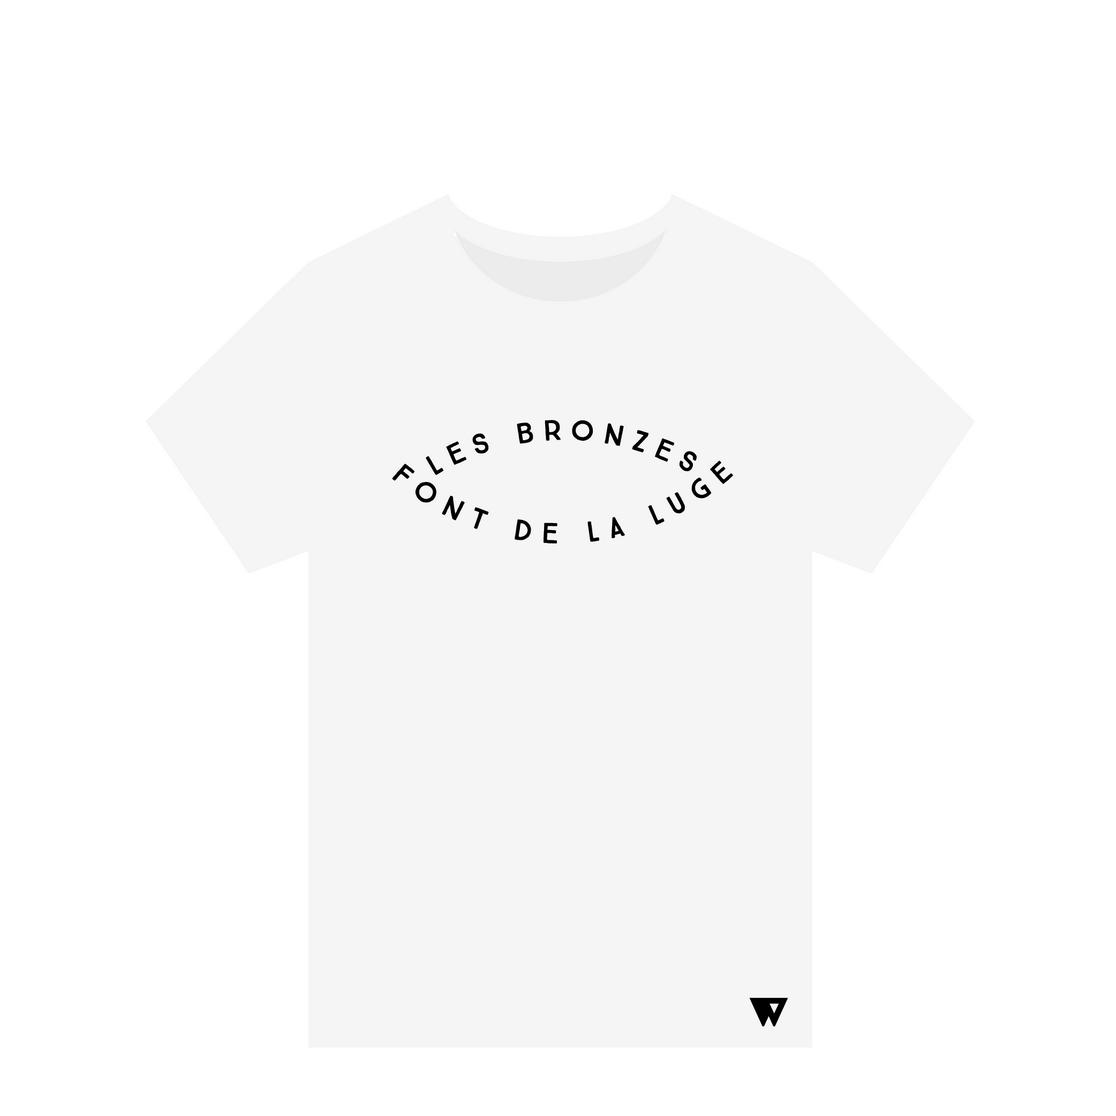 T-Shirt Les Bronzes Font De La Luge | Wuzzee